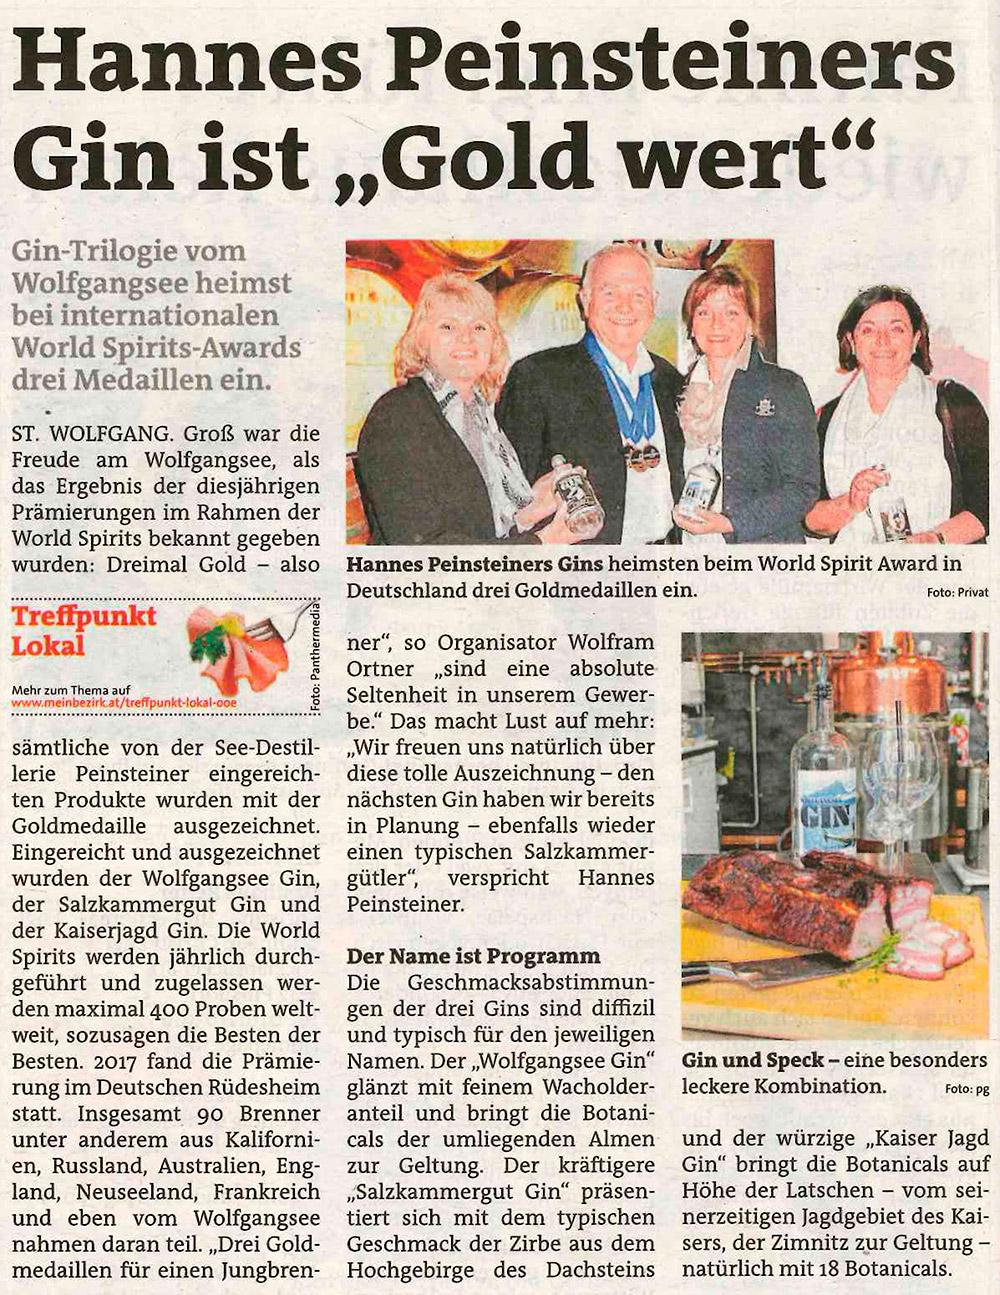 """ARTIKEL IN DER BEZIRKSRUNDSCHAU SALZKAMMERGUT - Hannes Peinsteiners Gin ist """"Gold wert"""""""